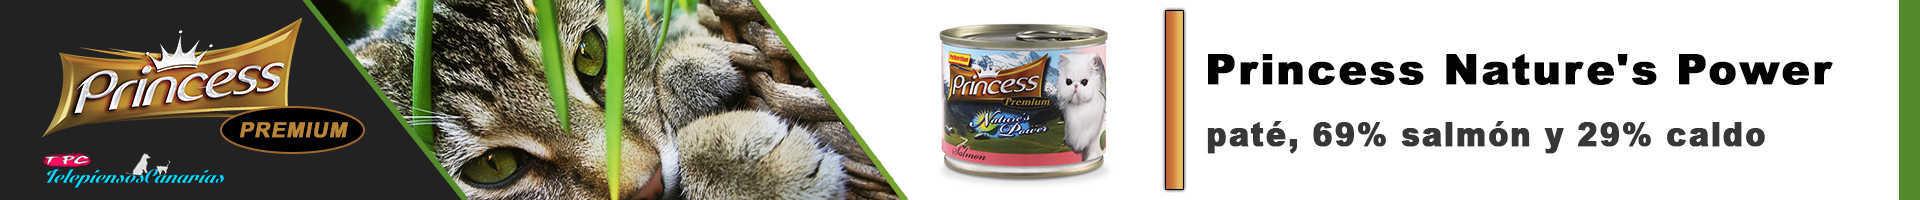 Princess natures power paté con (69%) salmón, para gatos de todas las edades